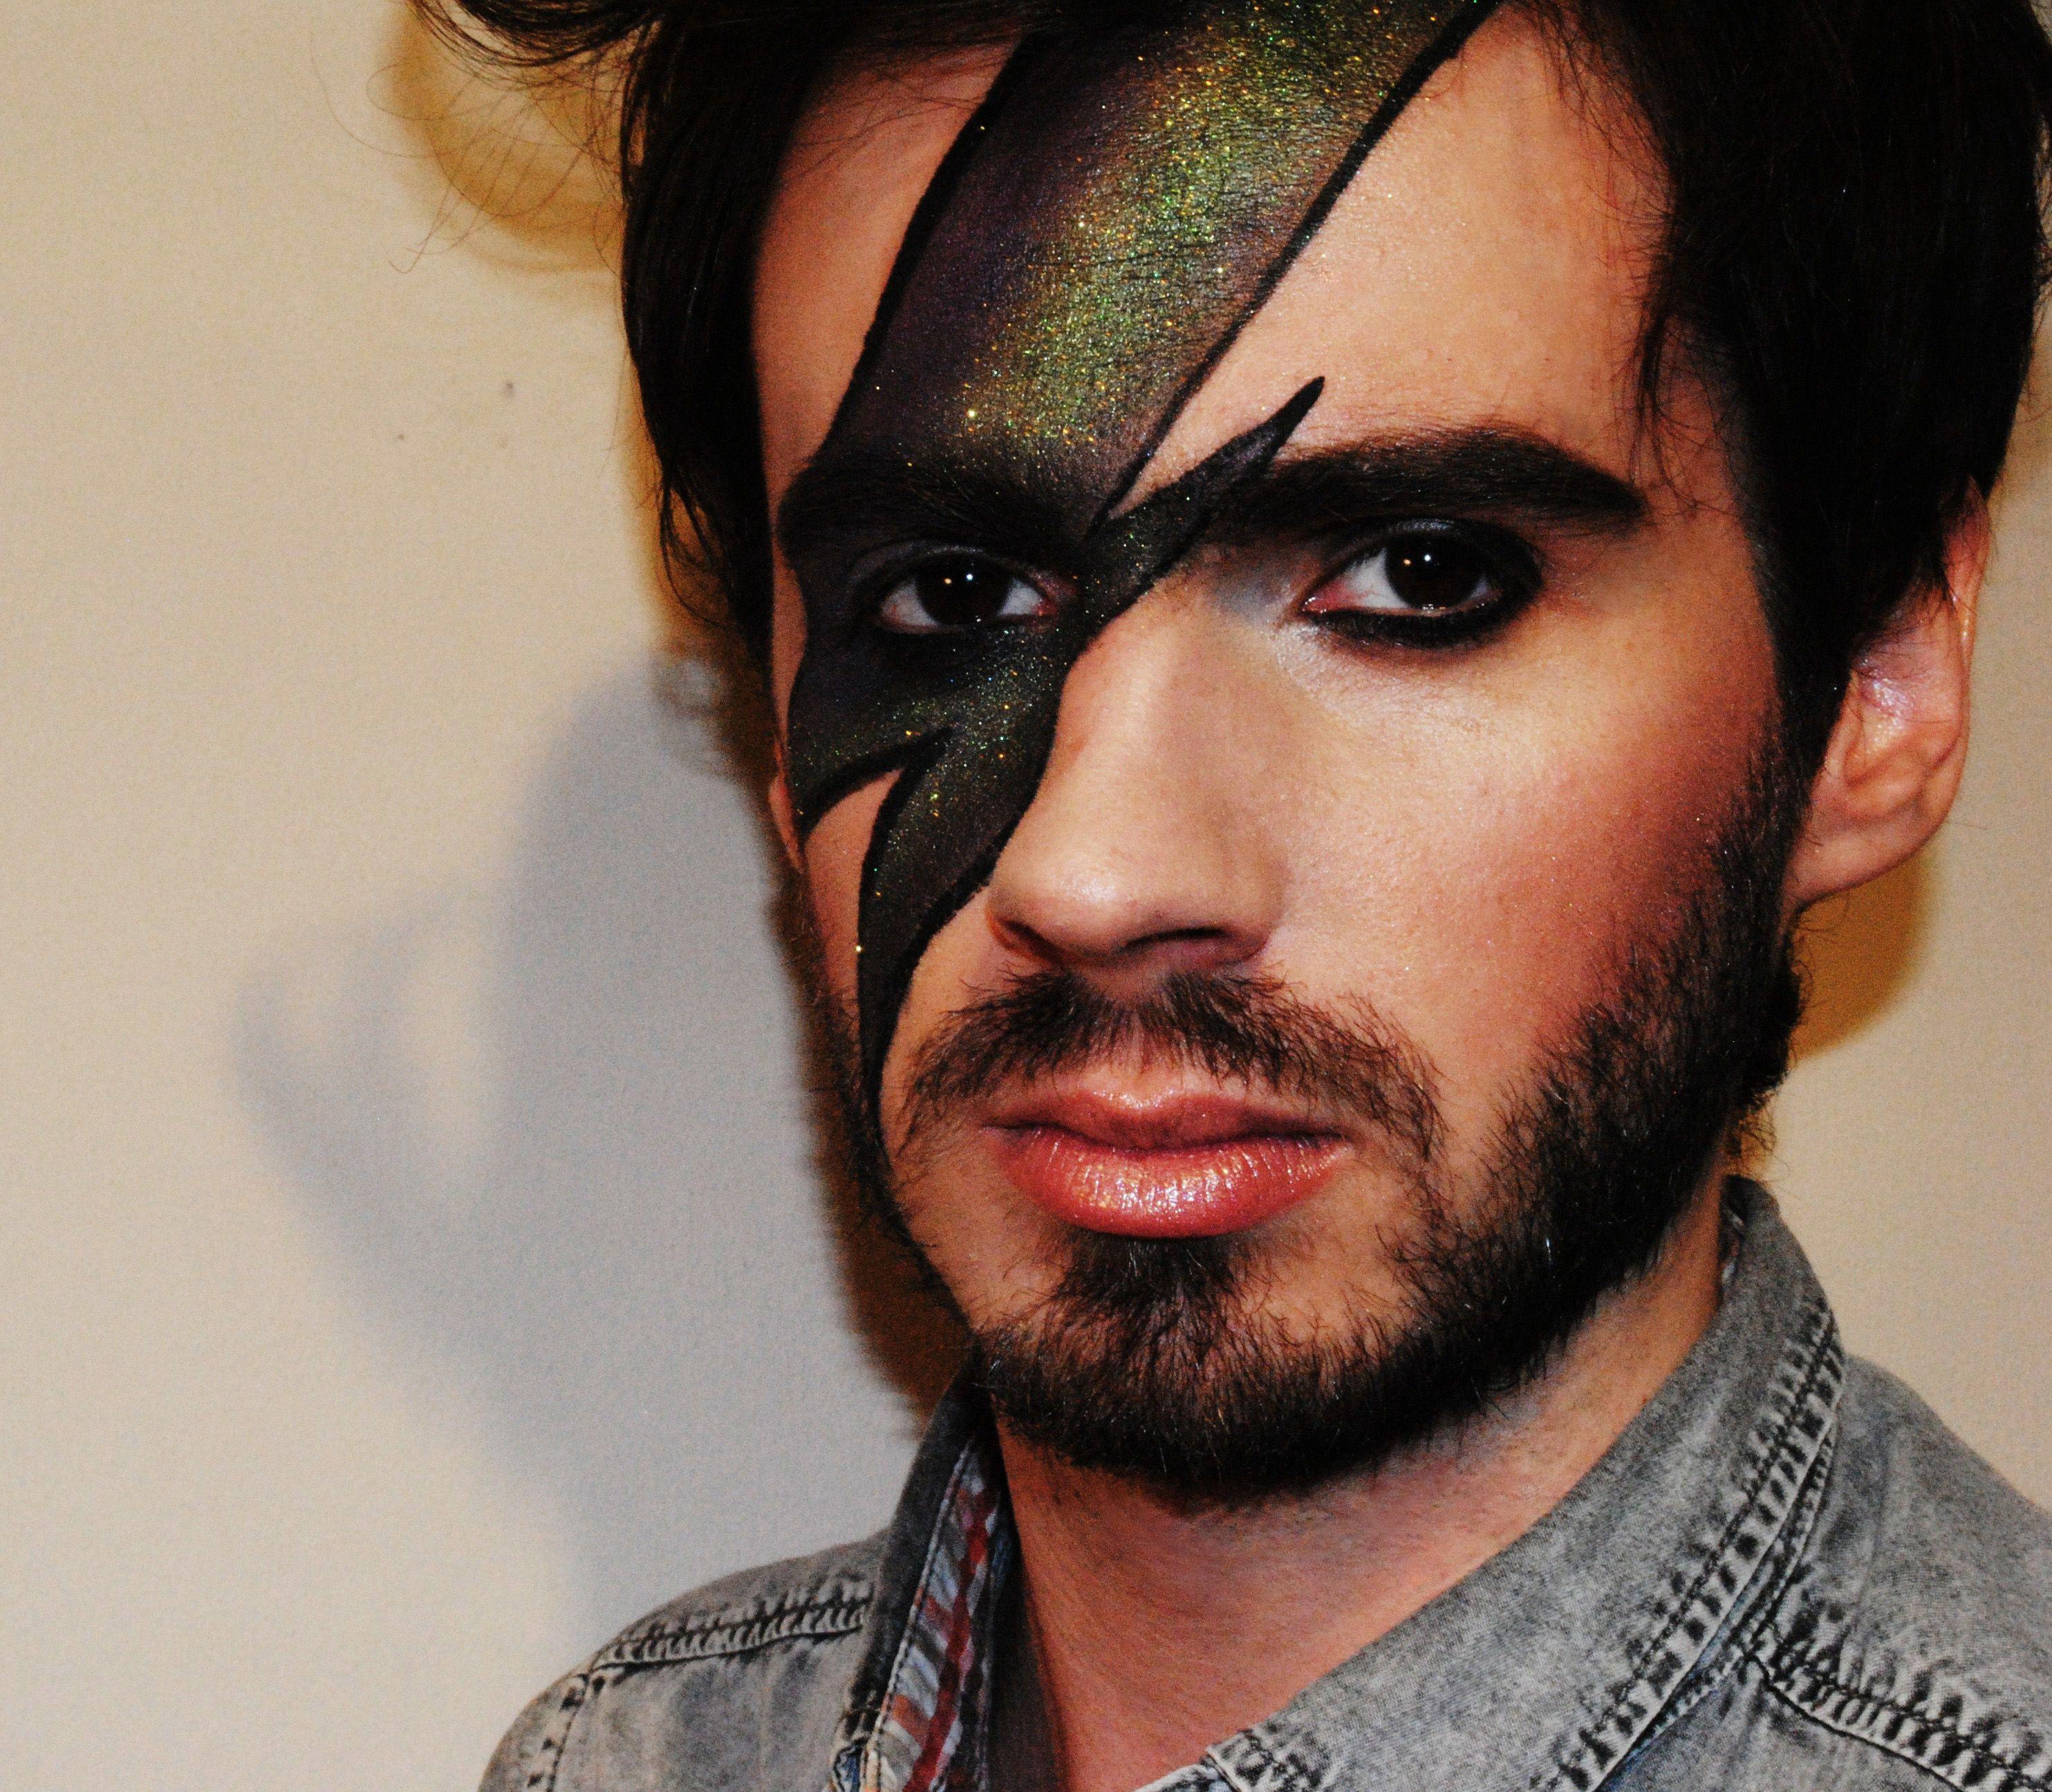 David Bowie Make Up Tutorial Punk Makeup Rock Makeup Punk Rock